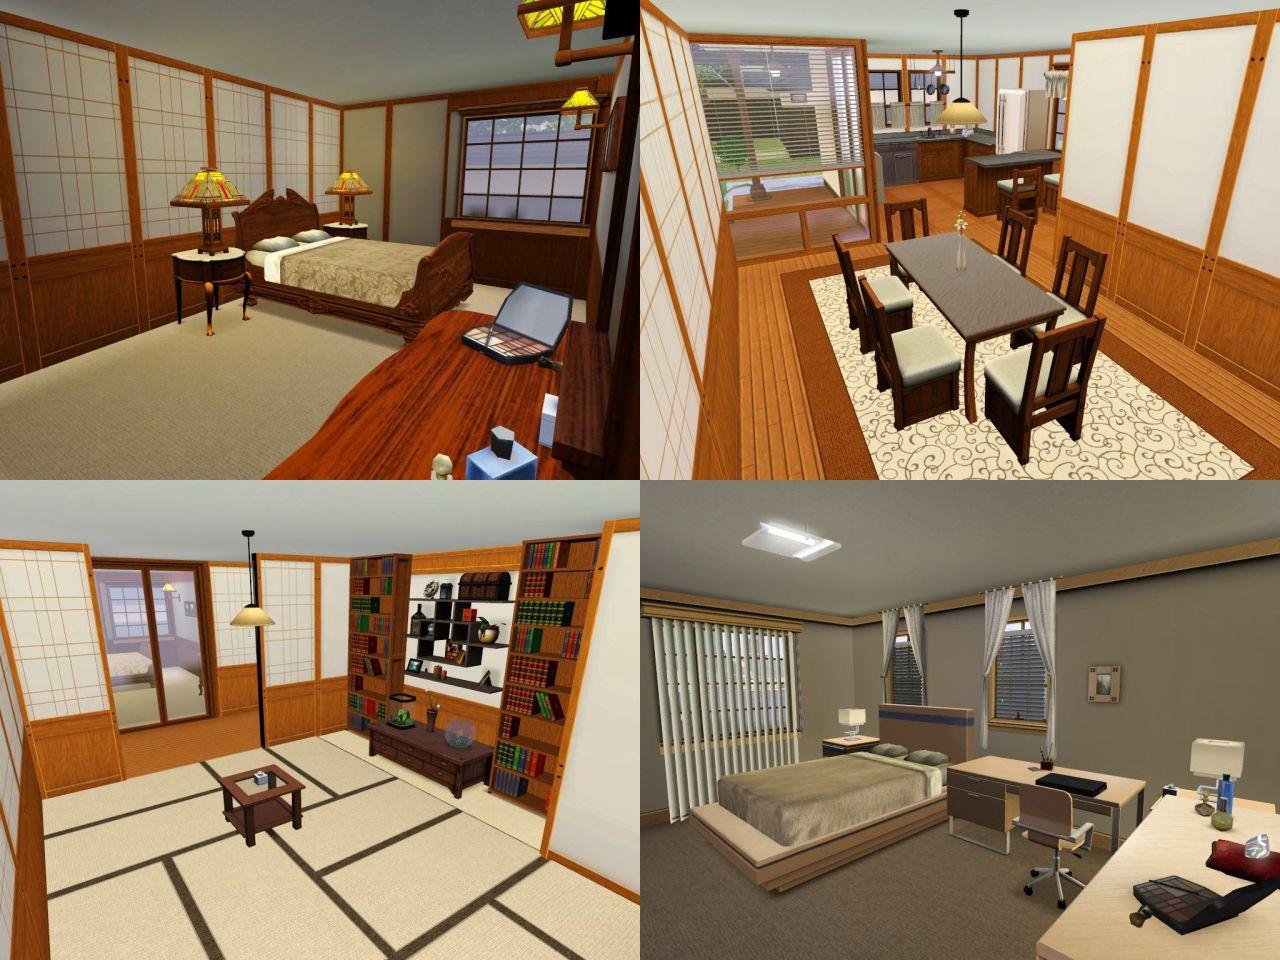 Mod The Sims Himeya Inn Another Japanese House